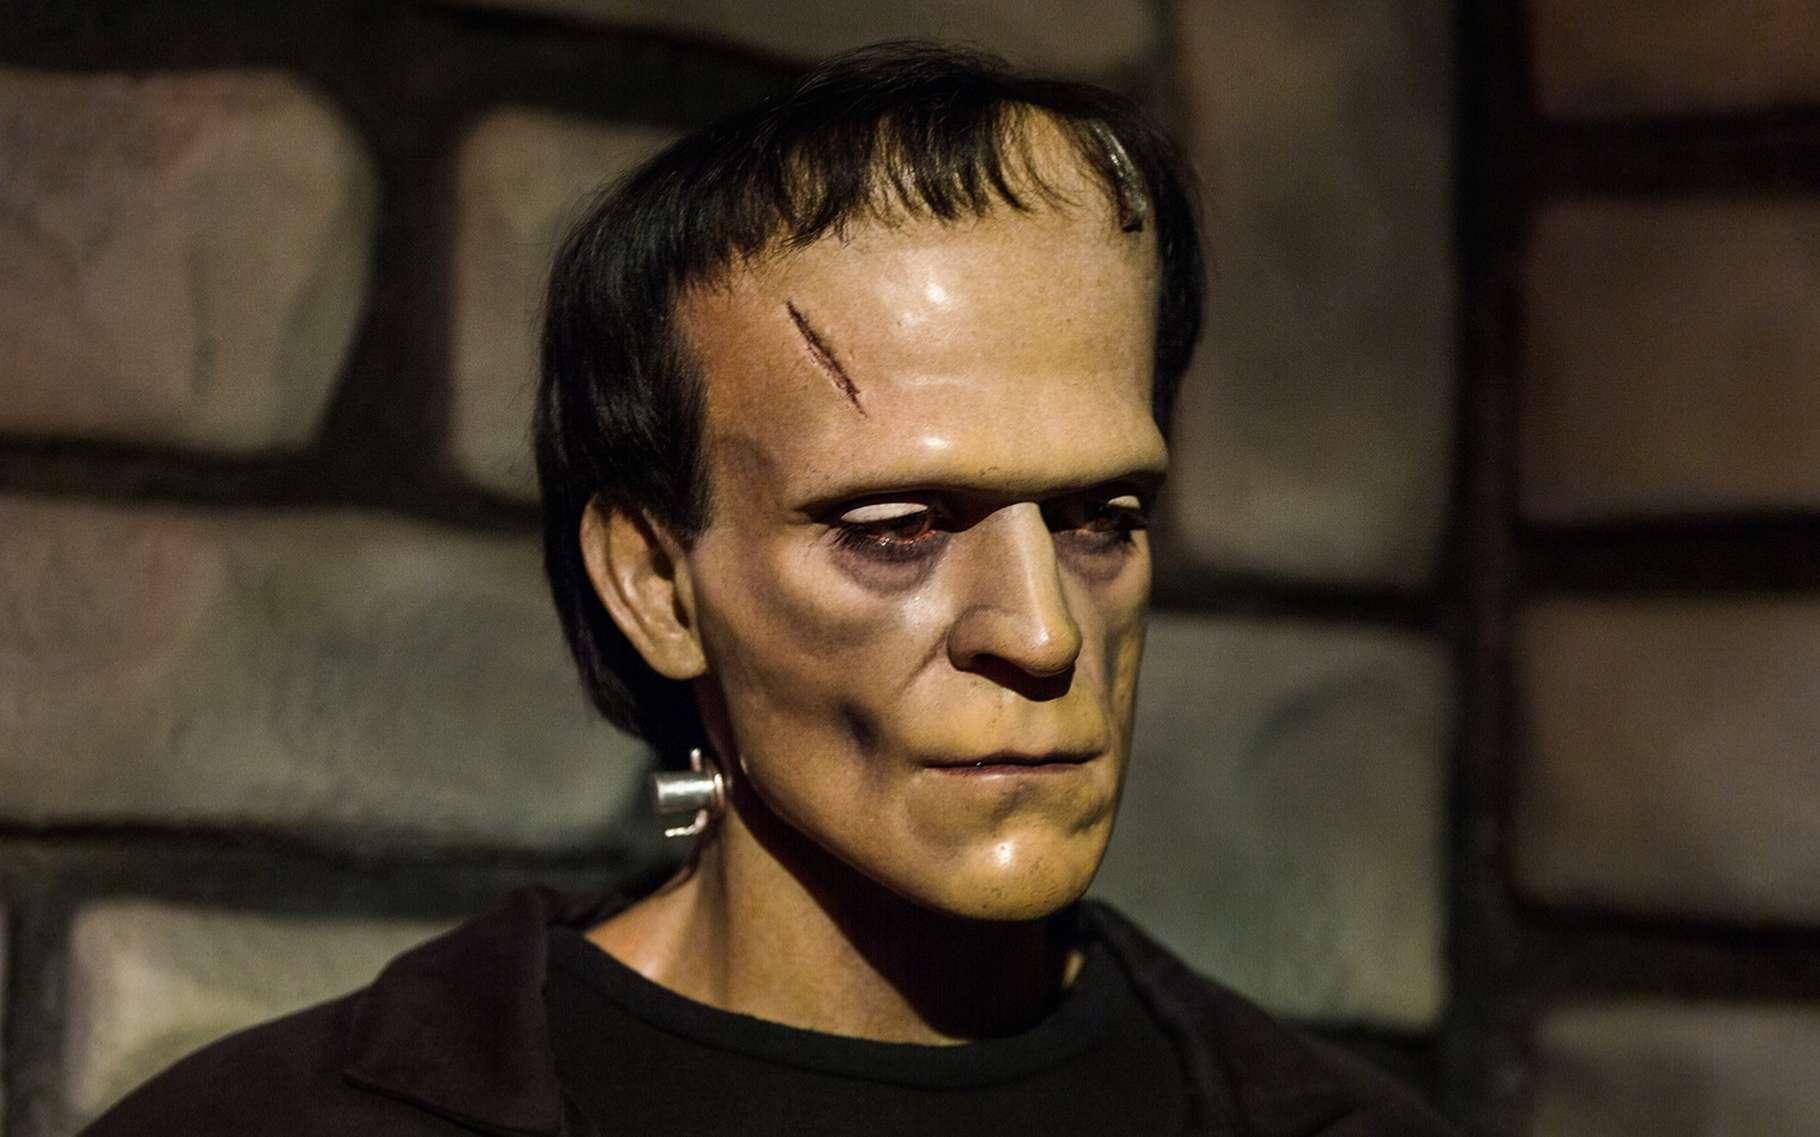 Le personnage de Frankenstein a été imaginé par Mary Shelley en 1818. Ici, la réplique de cire de Frankenstein présentée dans le musée Madame Tussauds de New York. Selon une étude de chercheurs américains, sans la clairvoyance de son créateur, le docteur Frankenstein, la créature aurait pu provoquer l'extinction de l'humanité. © Anton_Ivanov, Shutterstock